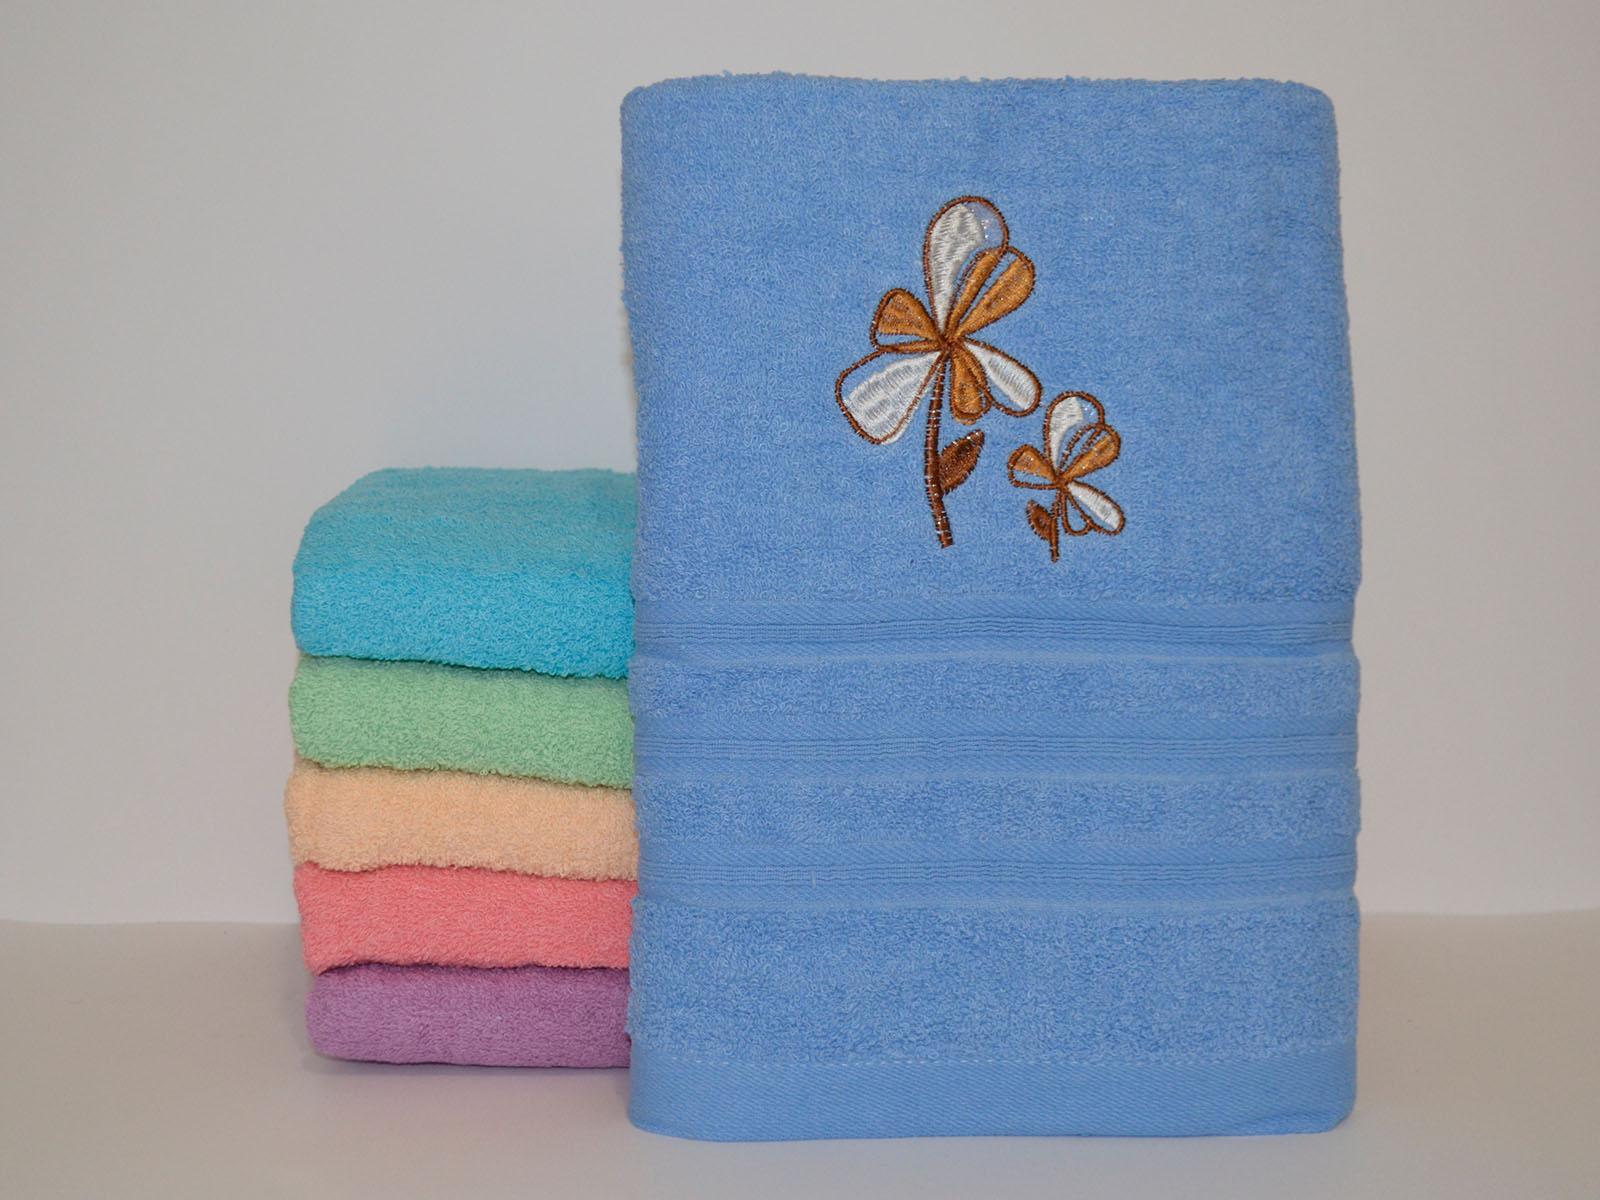 Купити банні рушники оптом і в роздріб з доставкою по Україні d81756da12ba5